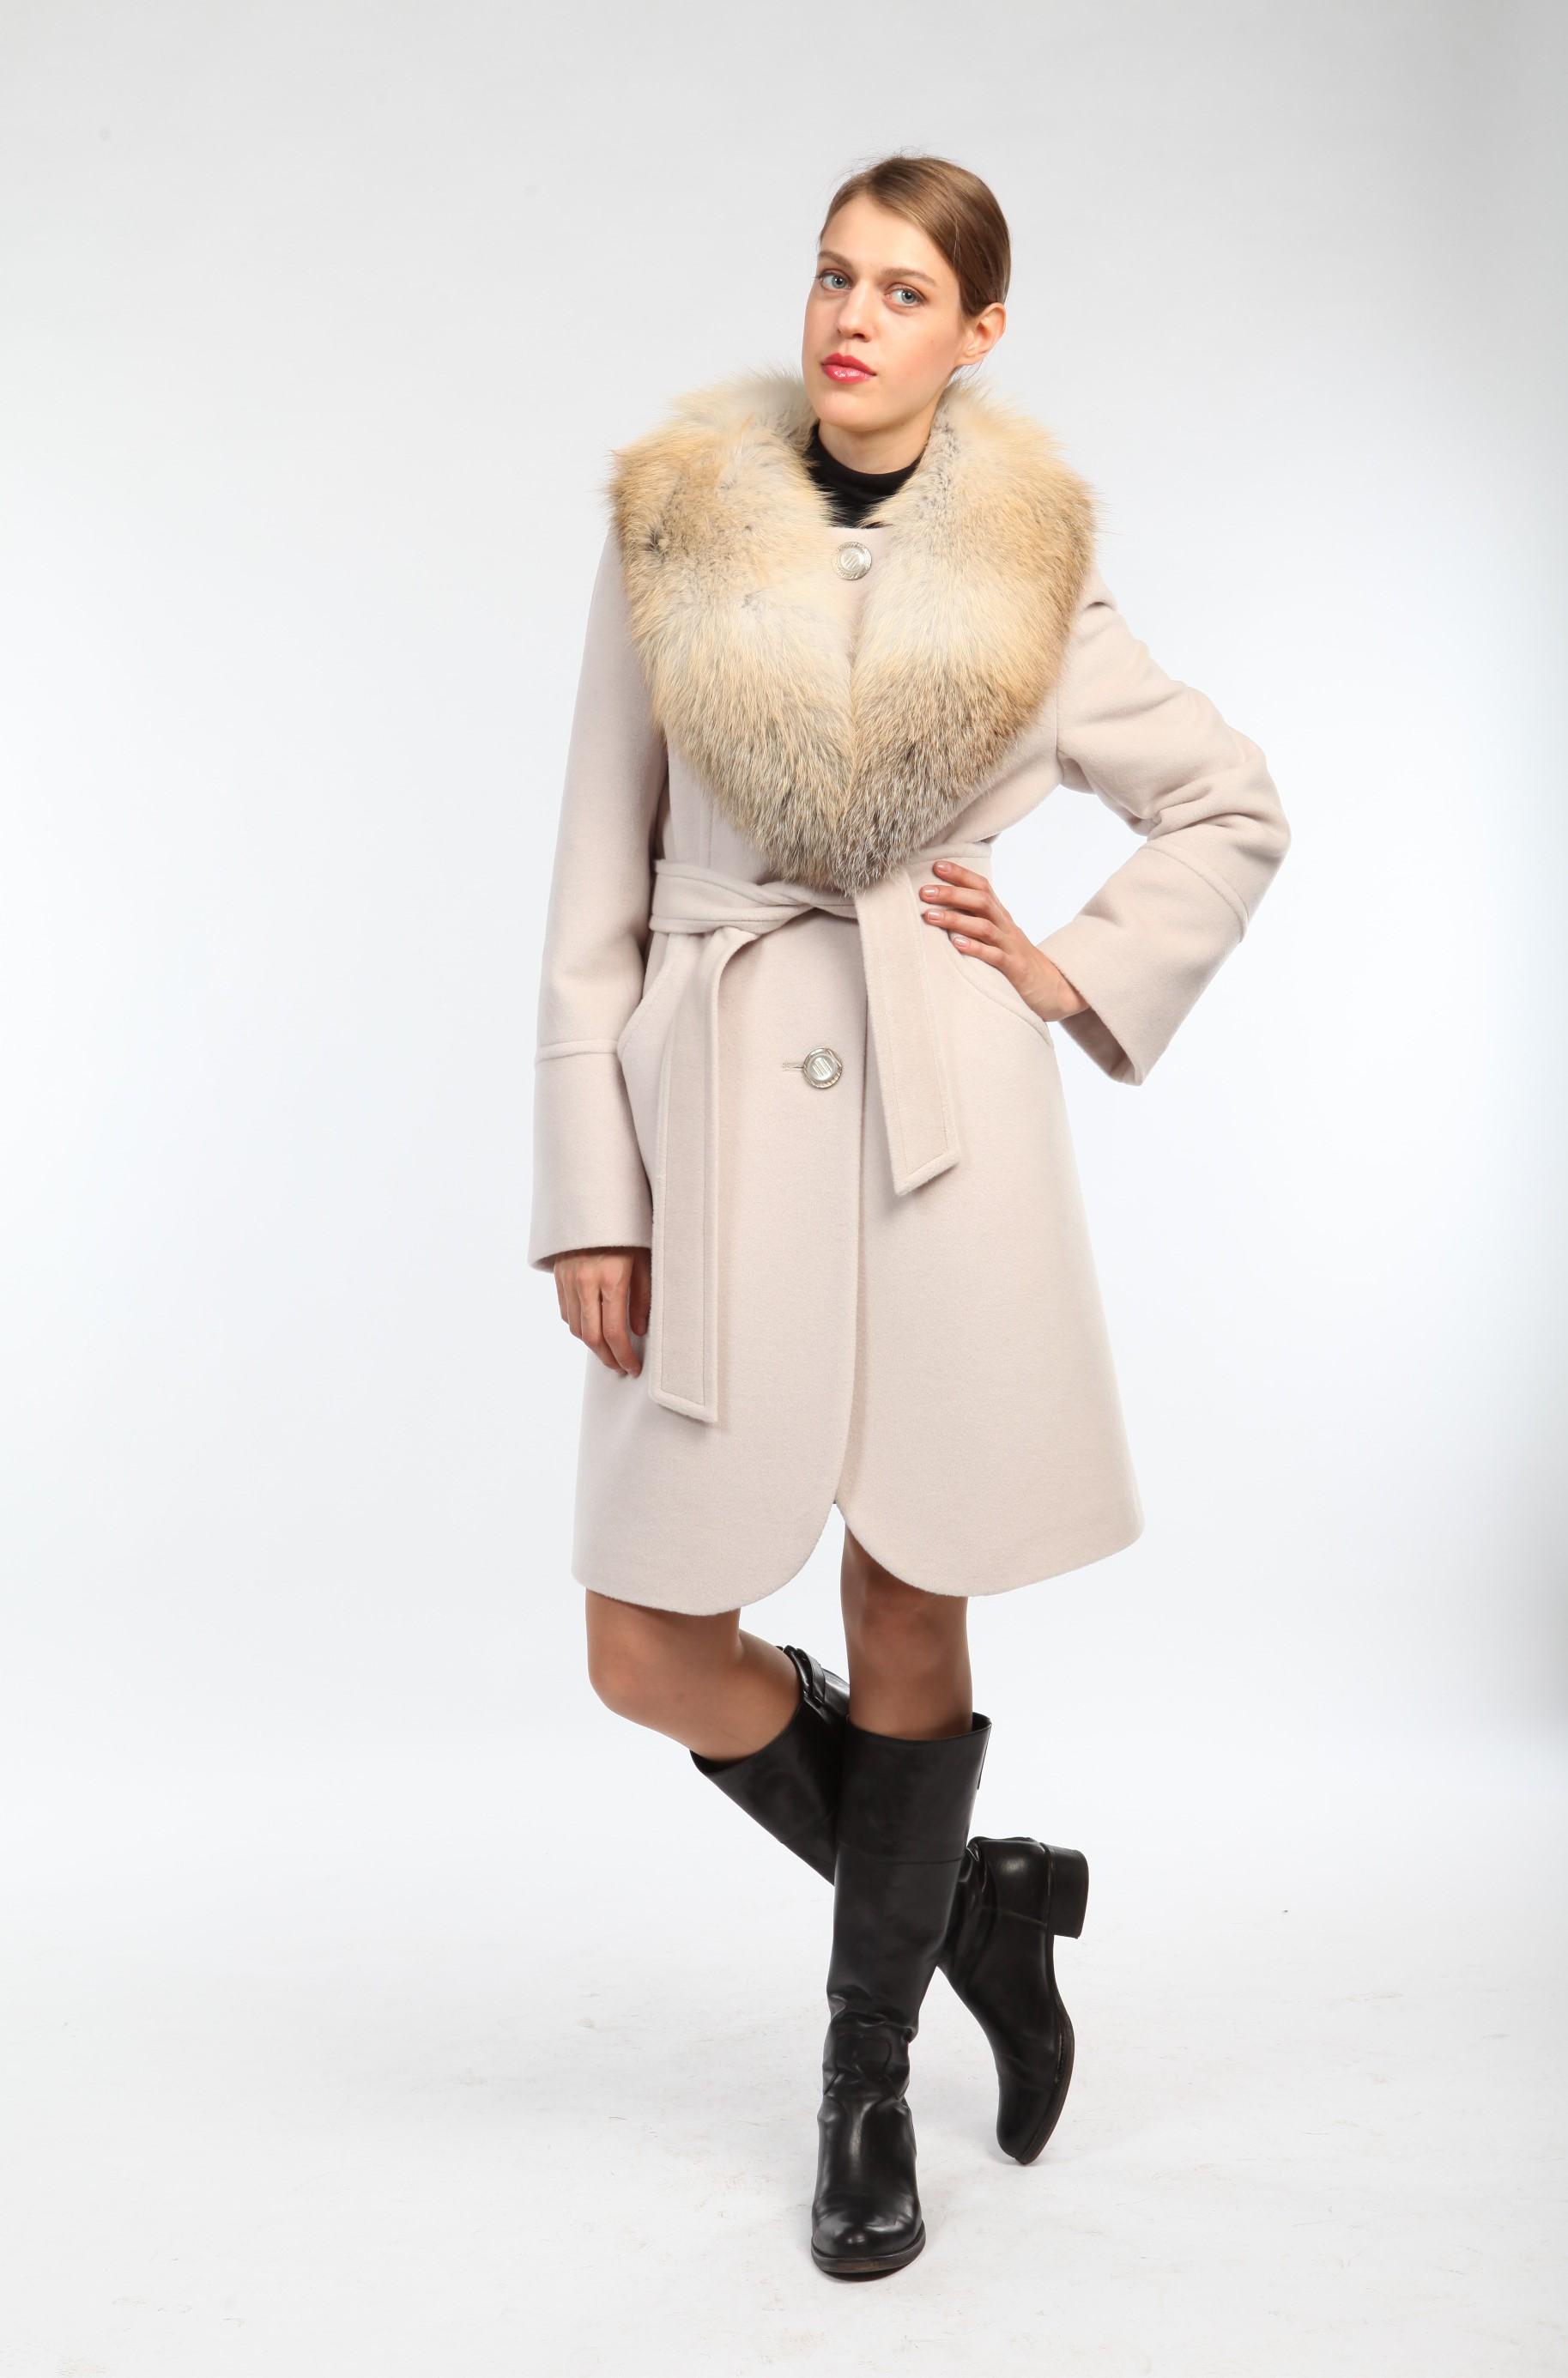 34 карточки в коллекции «Женское стильное пальто с меховым воротником»  пользователя Yhoncharenko10 в Яндекс.Коллекциях 3f78439726140